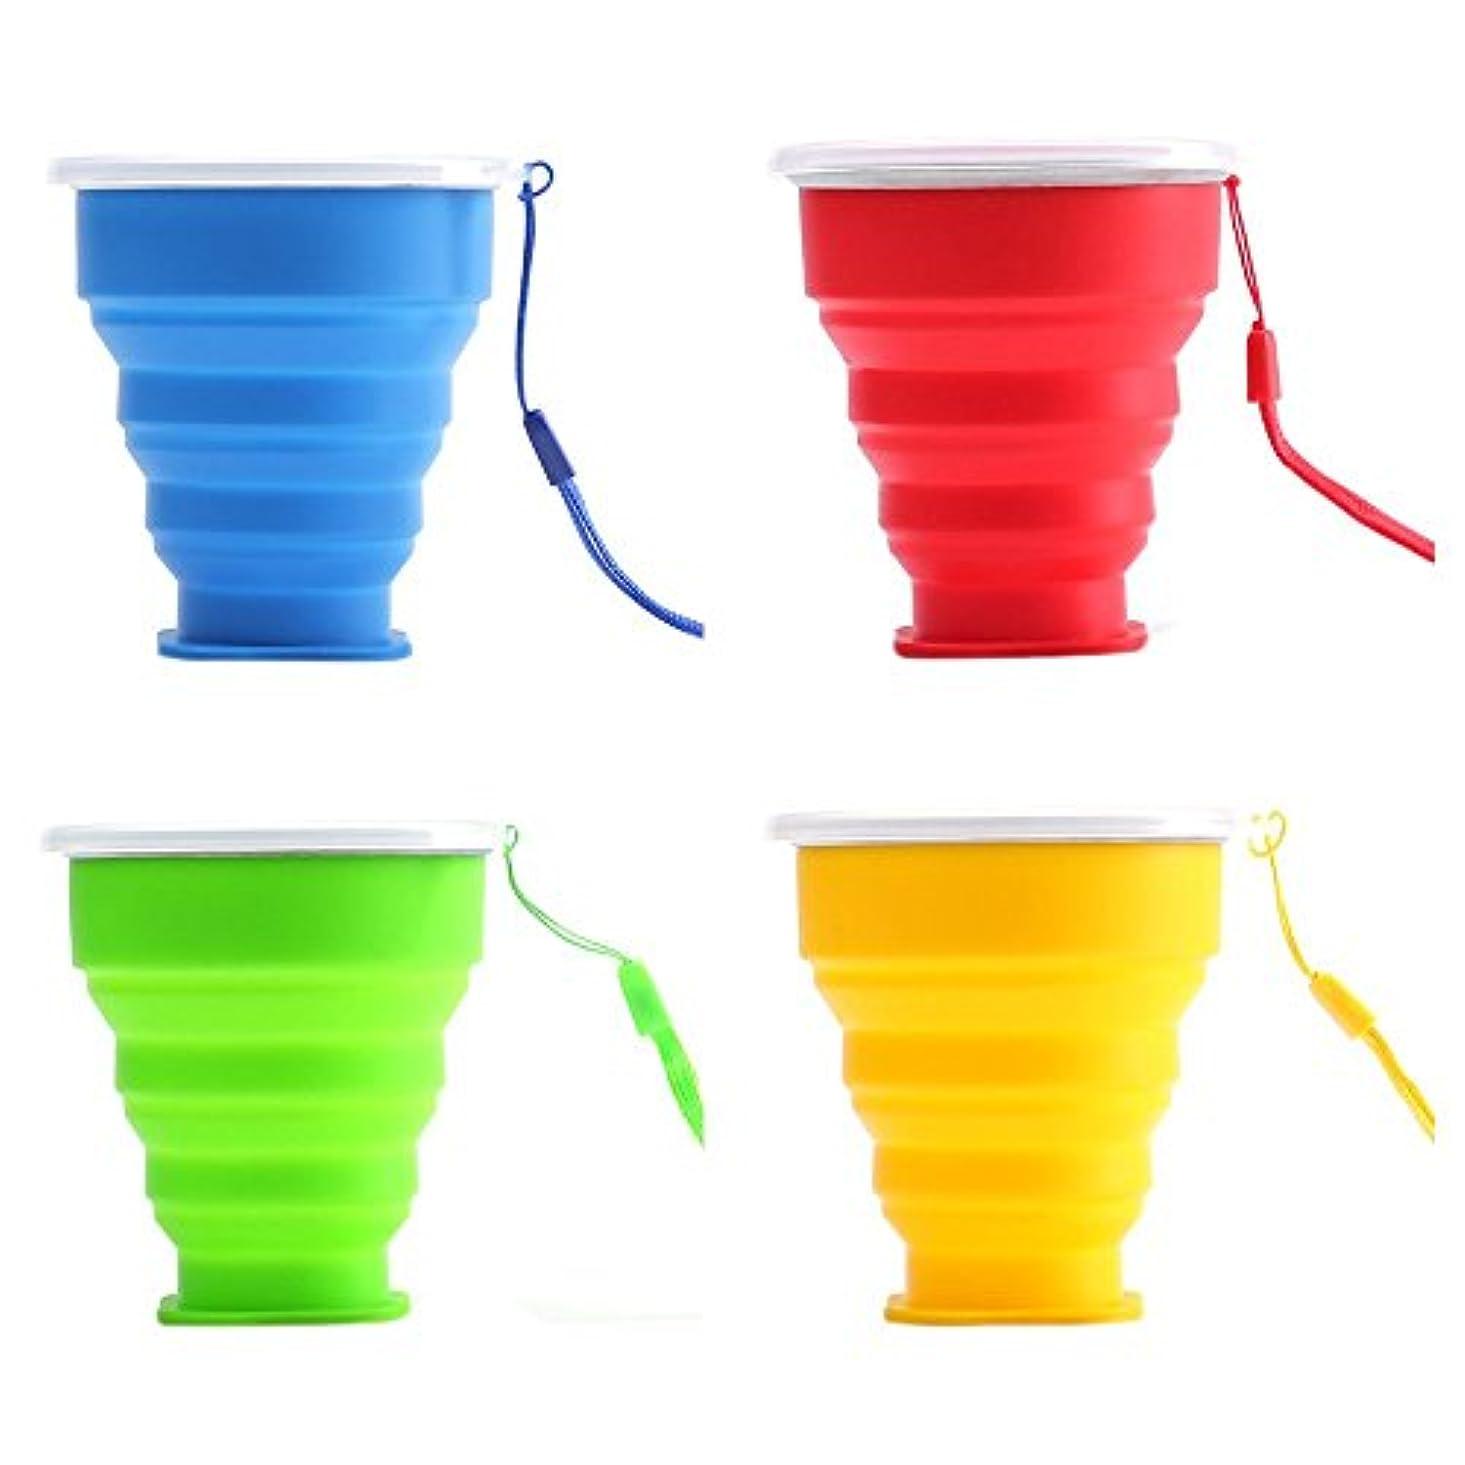 パンチ環境に優しい多様体SODIAL シリコン折りたたみ式トラベルカップ(蓋付き) - 持ち運びに便利なトラベルカップ